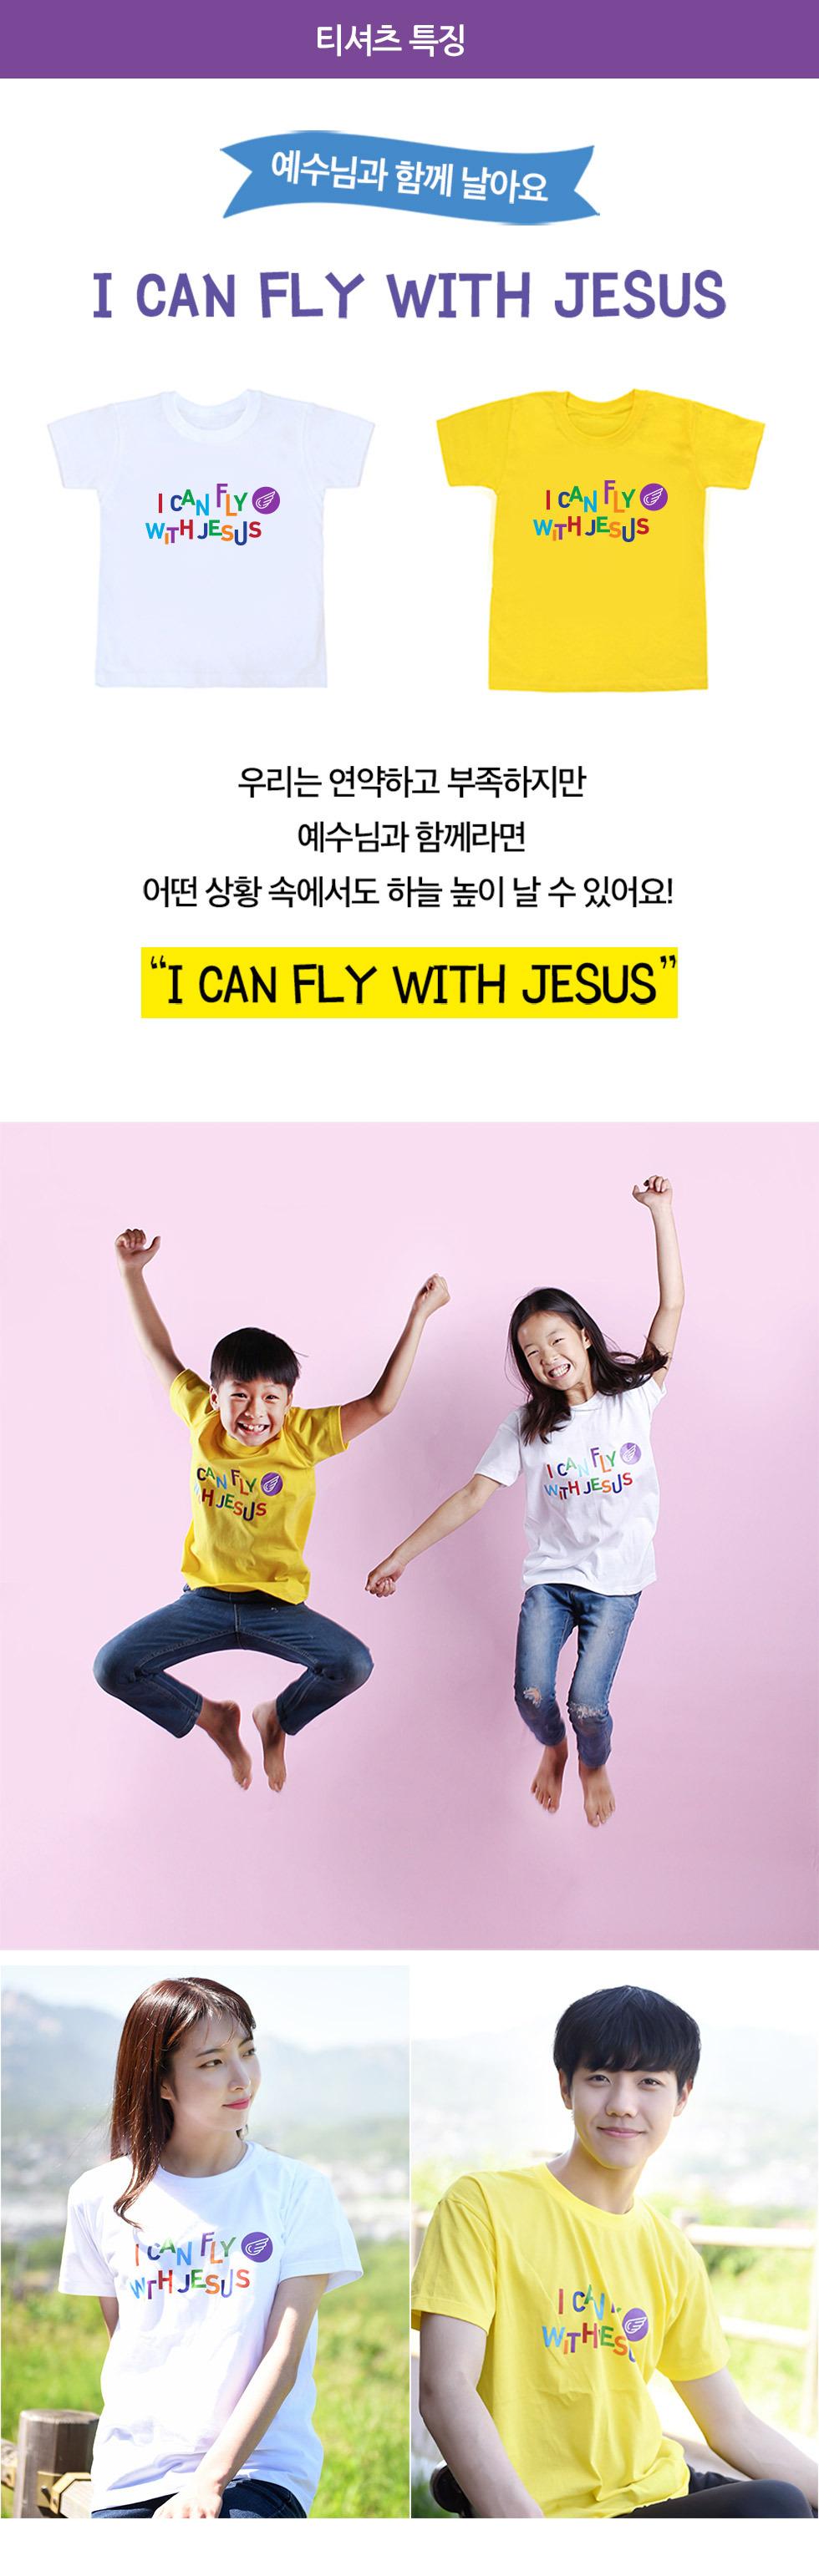 교회단체티 교회티셔츠 i can fly with Jesus 플라이 옵션별 가격